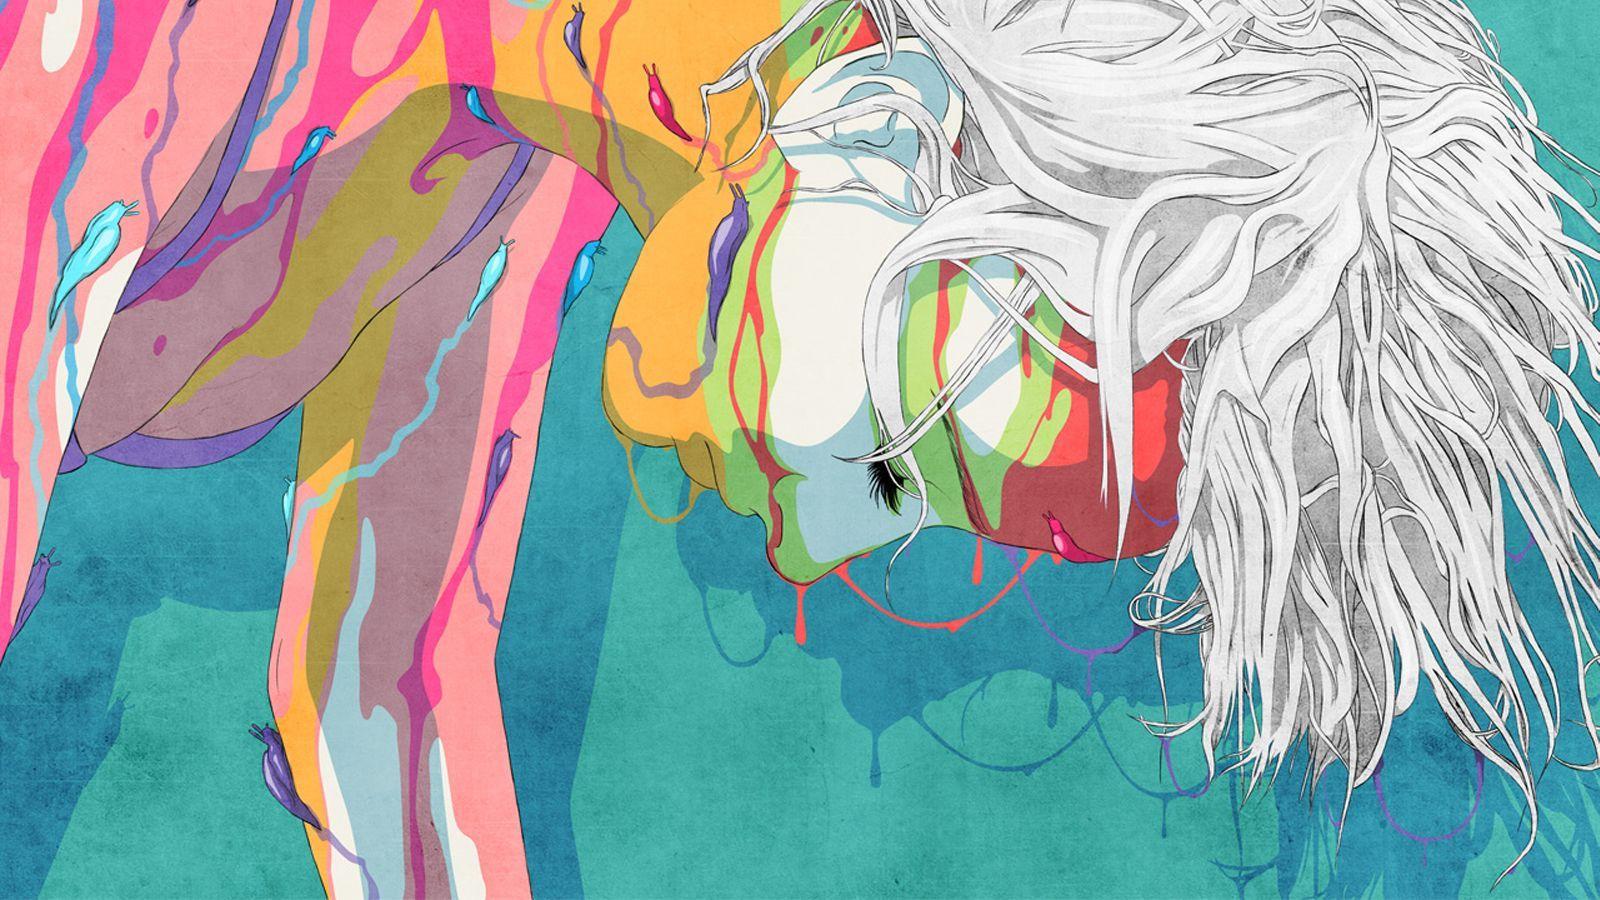 Artsy Desktop Wallpaper - WallpaperSafari